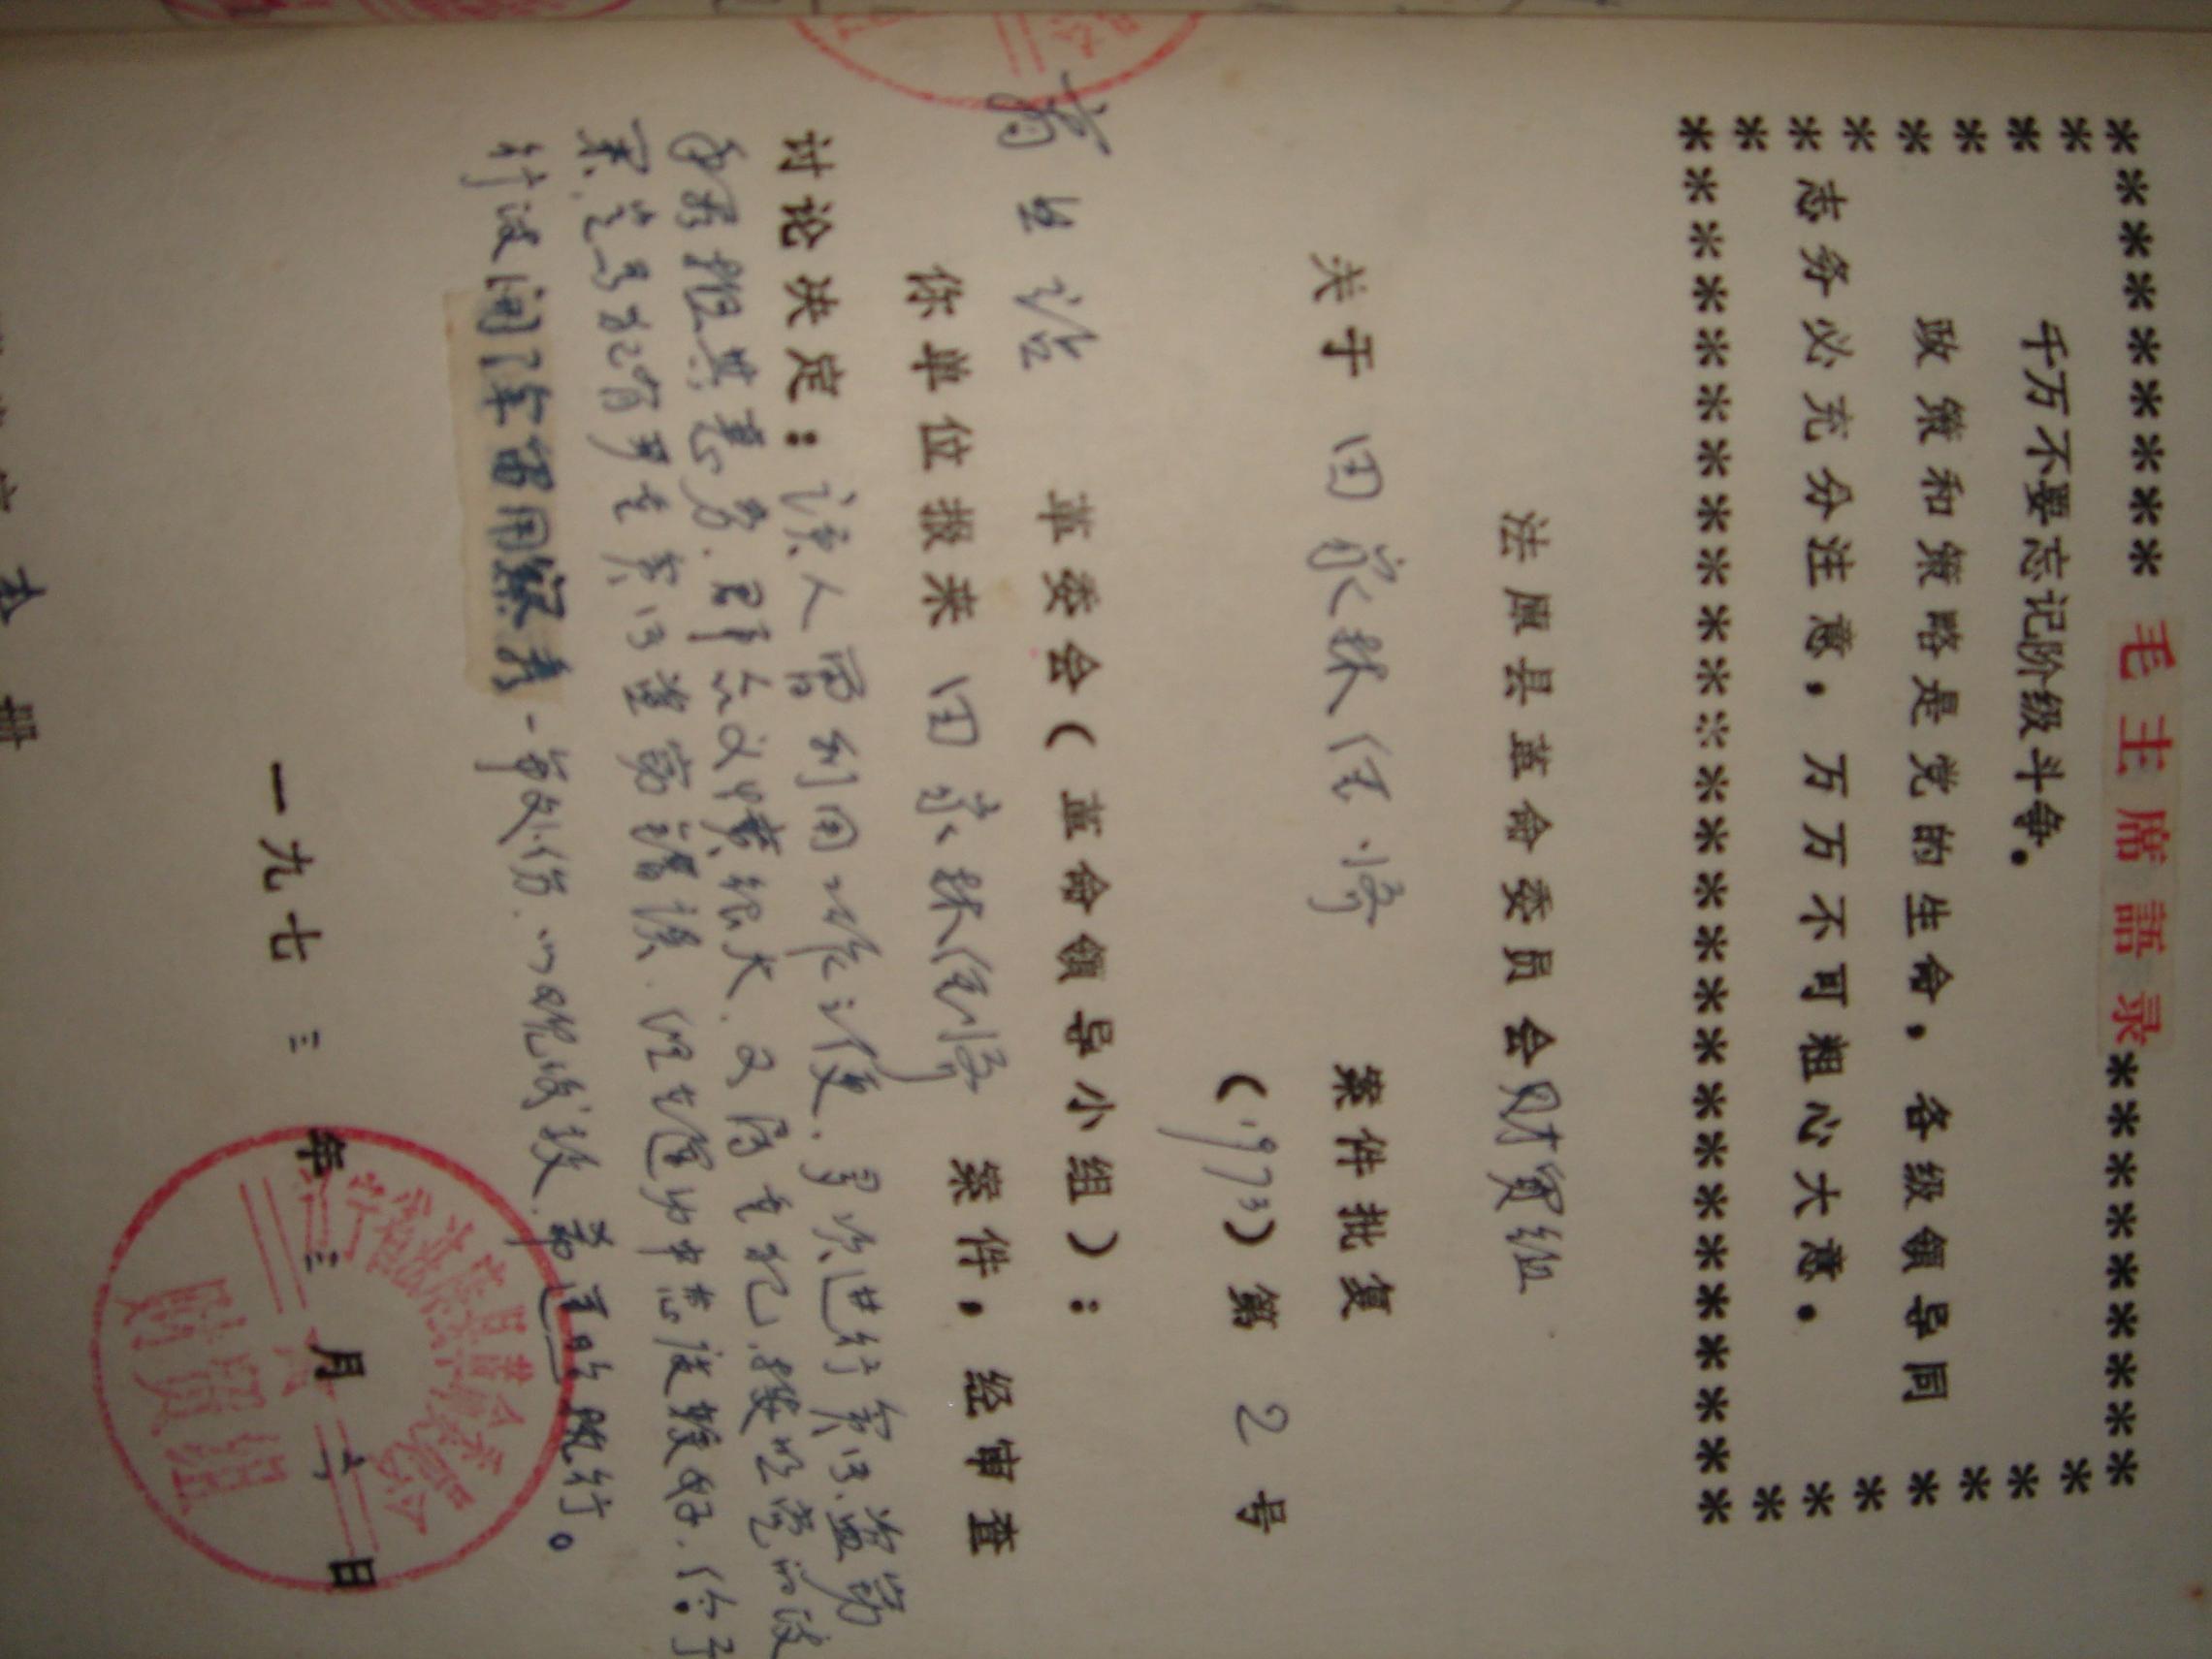 文革档案资料:法库县商业局田加林坦白检举证据证实材料(重量800克)图片